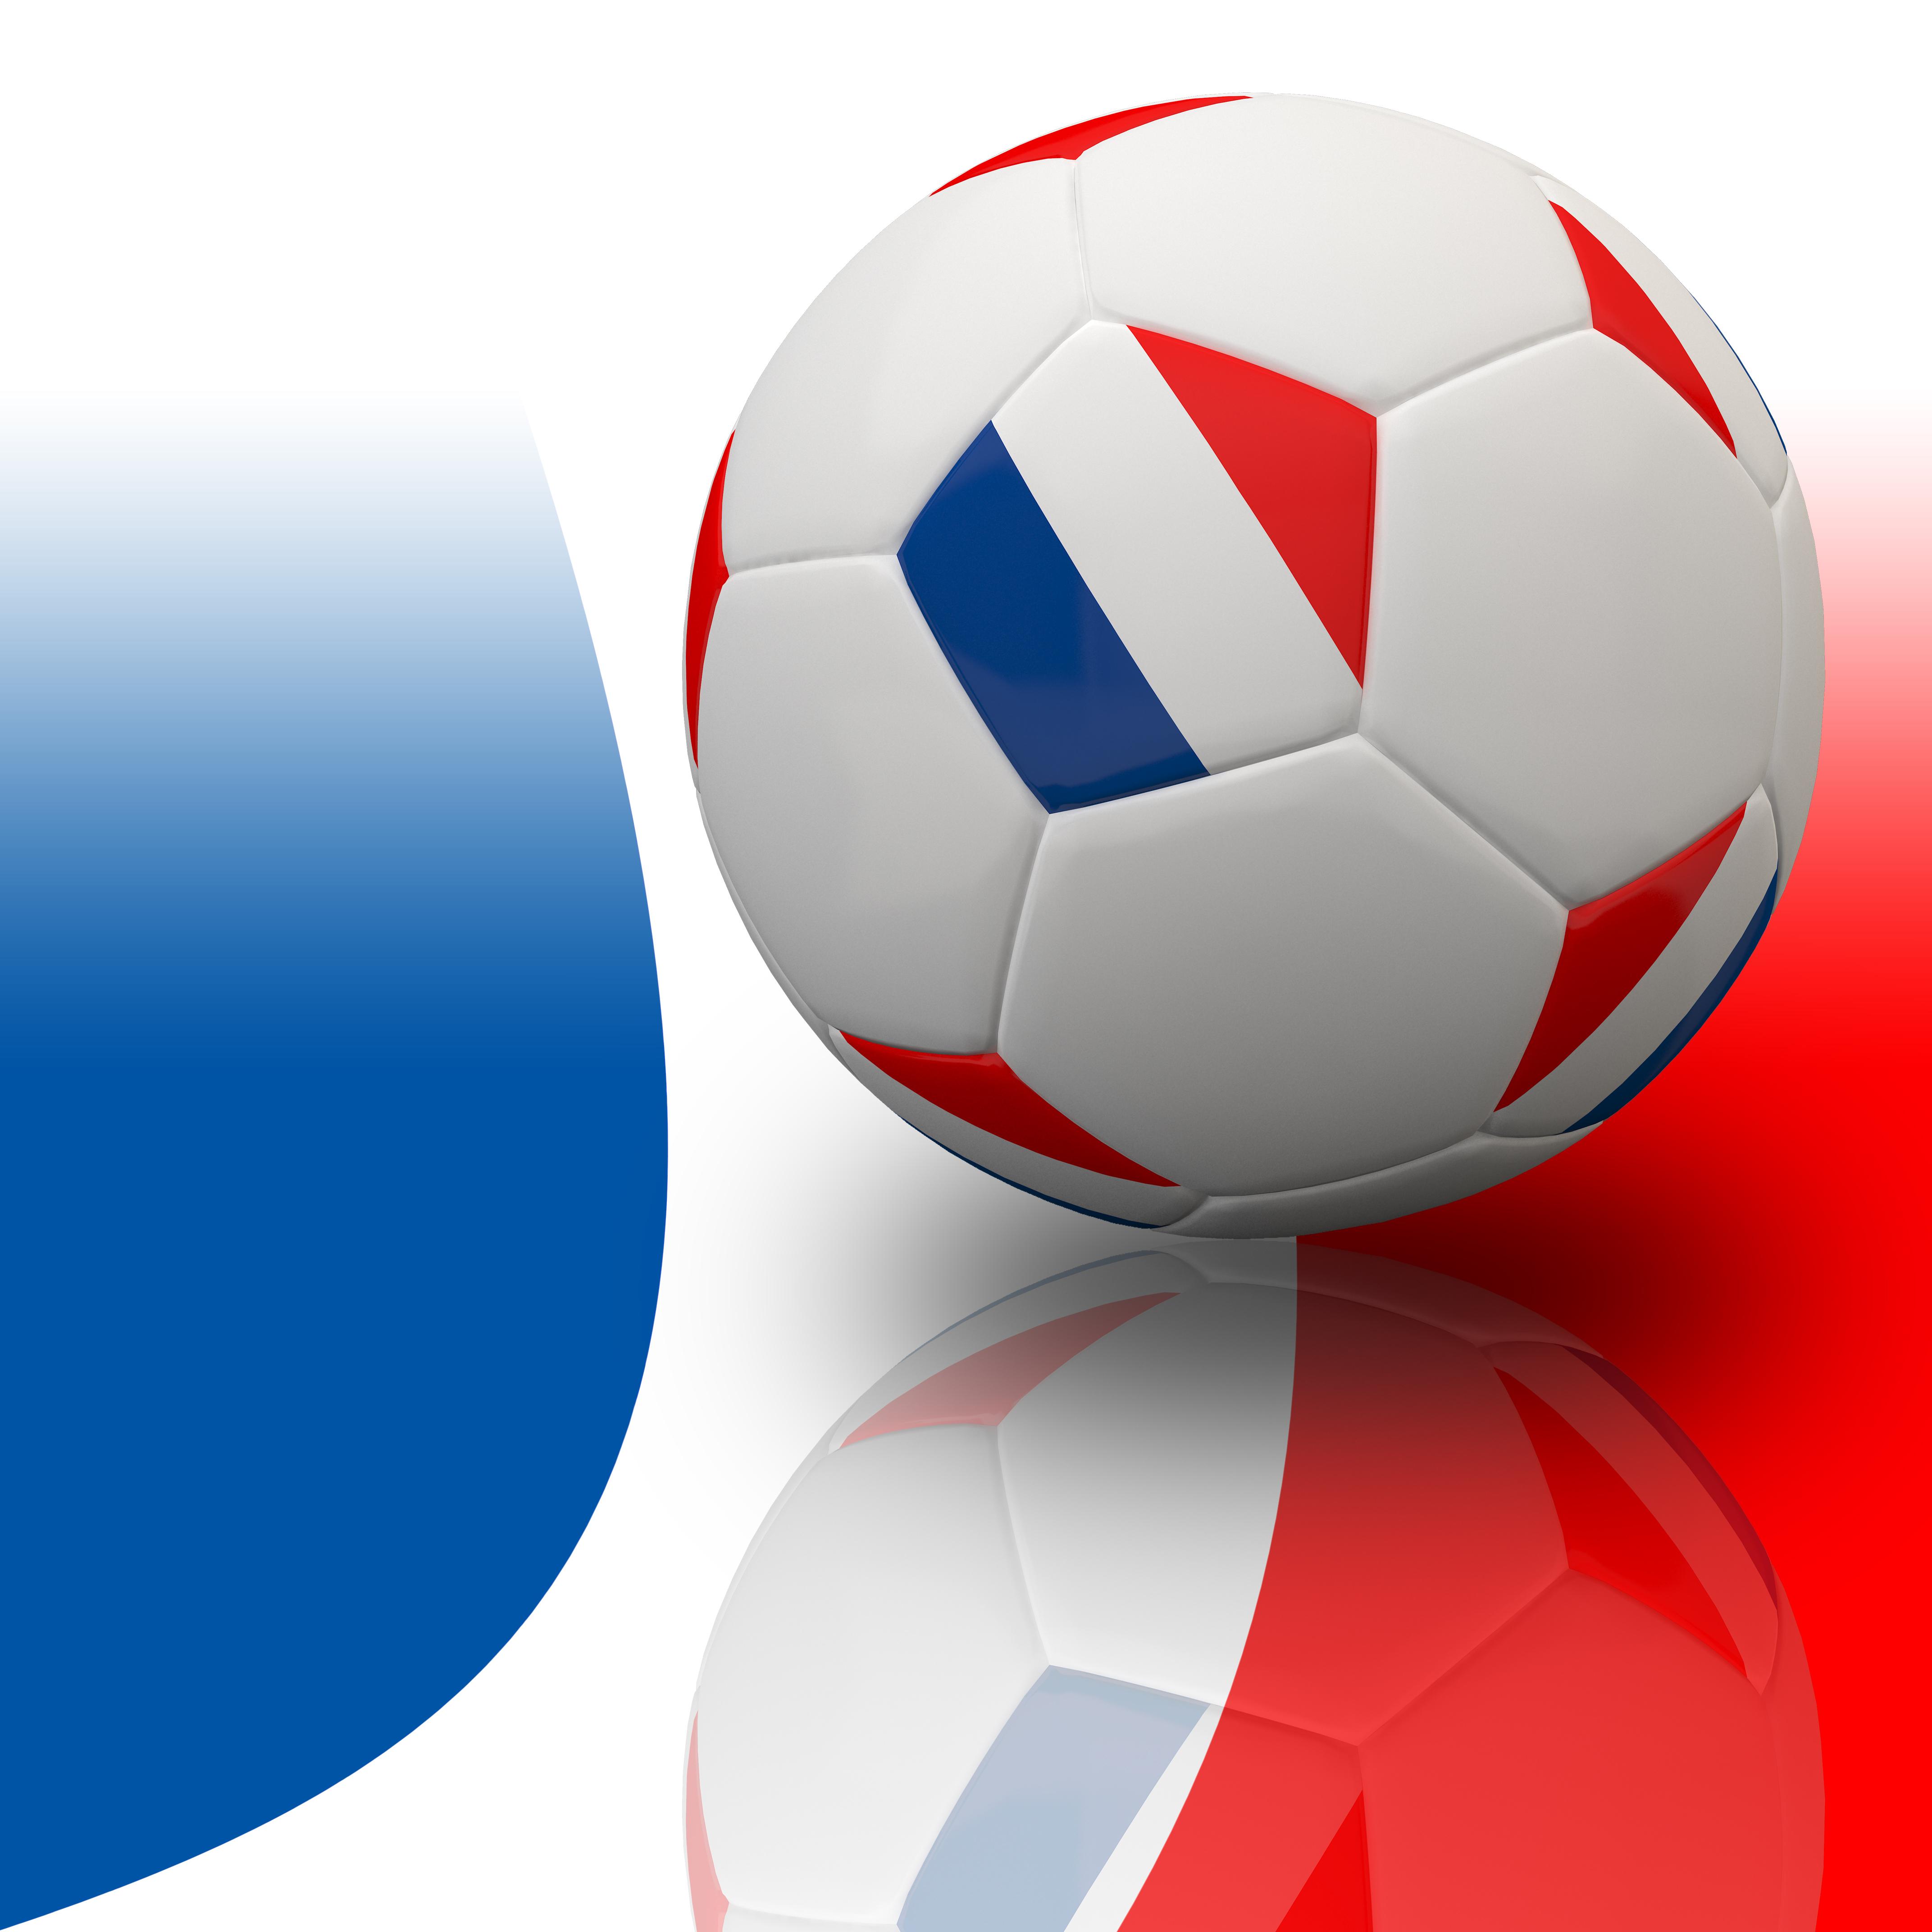 Il Nizza vince ed è a -3 dalla vetta, bene il Marsiglia; 26a giornata di Ligue 1, primi risultati e classifica